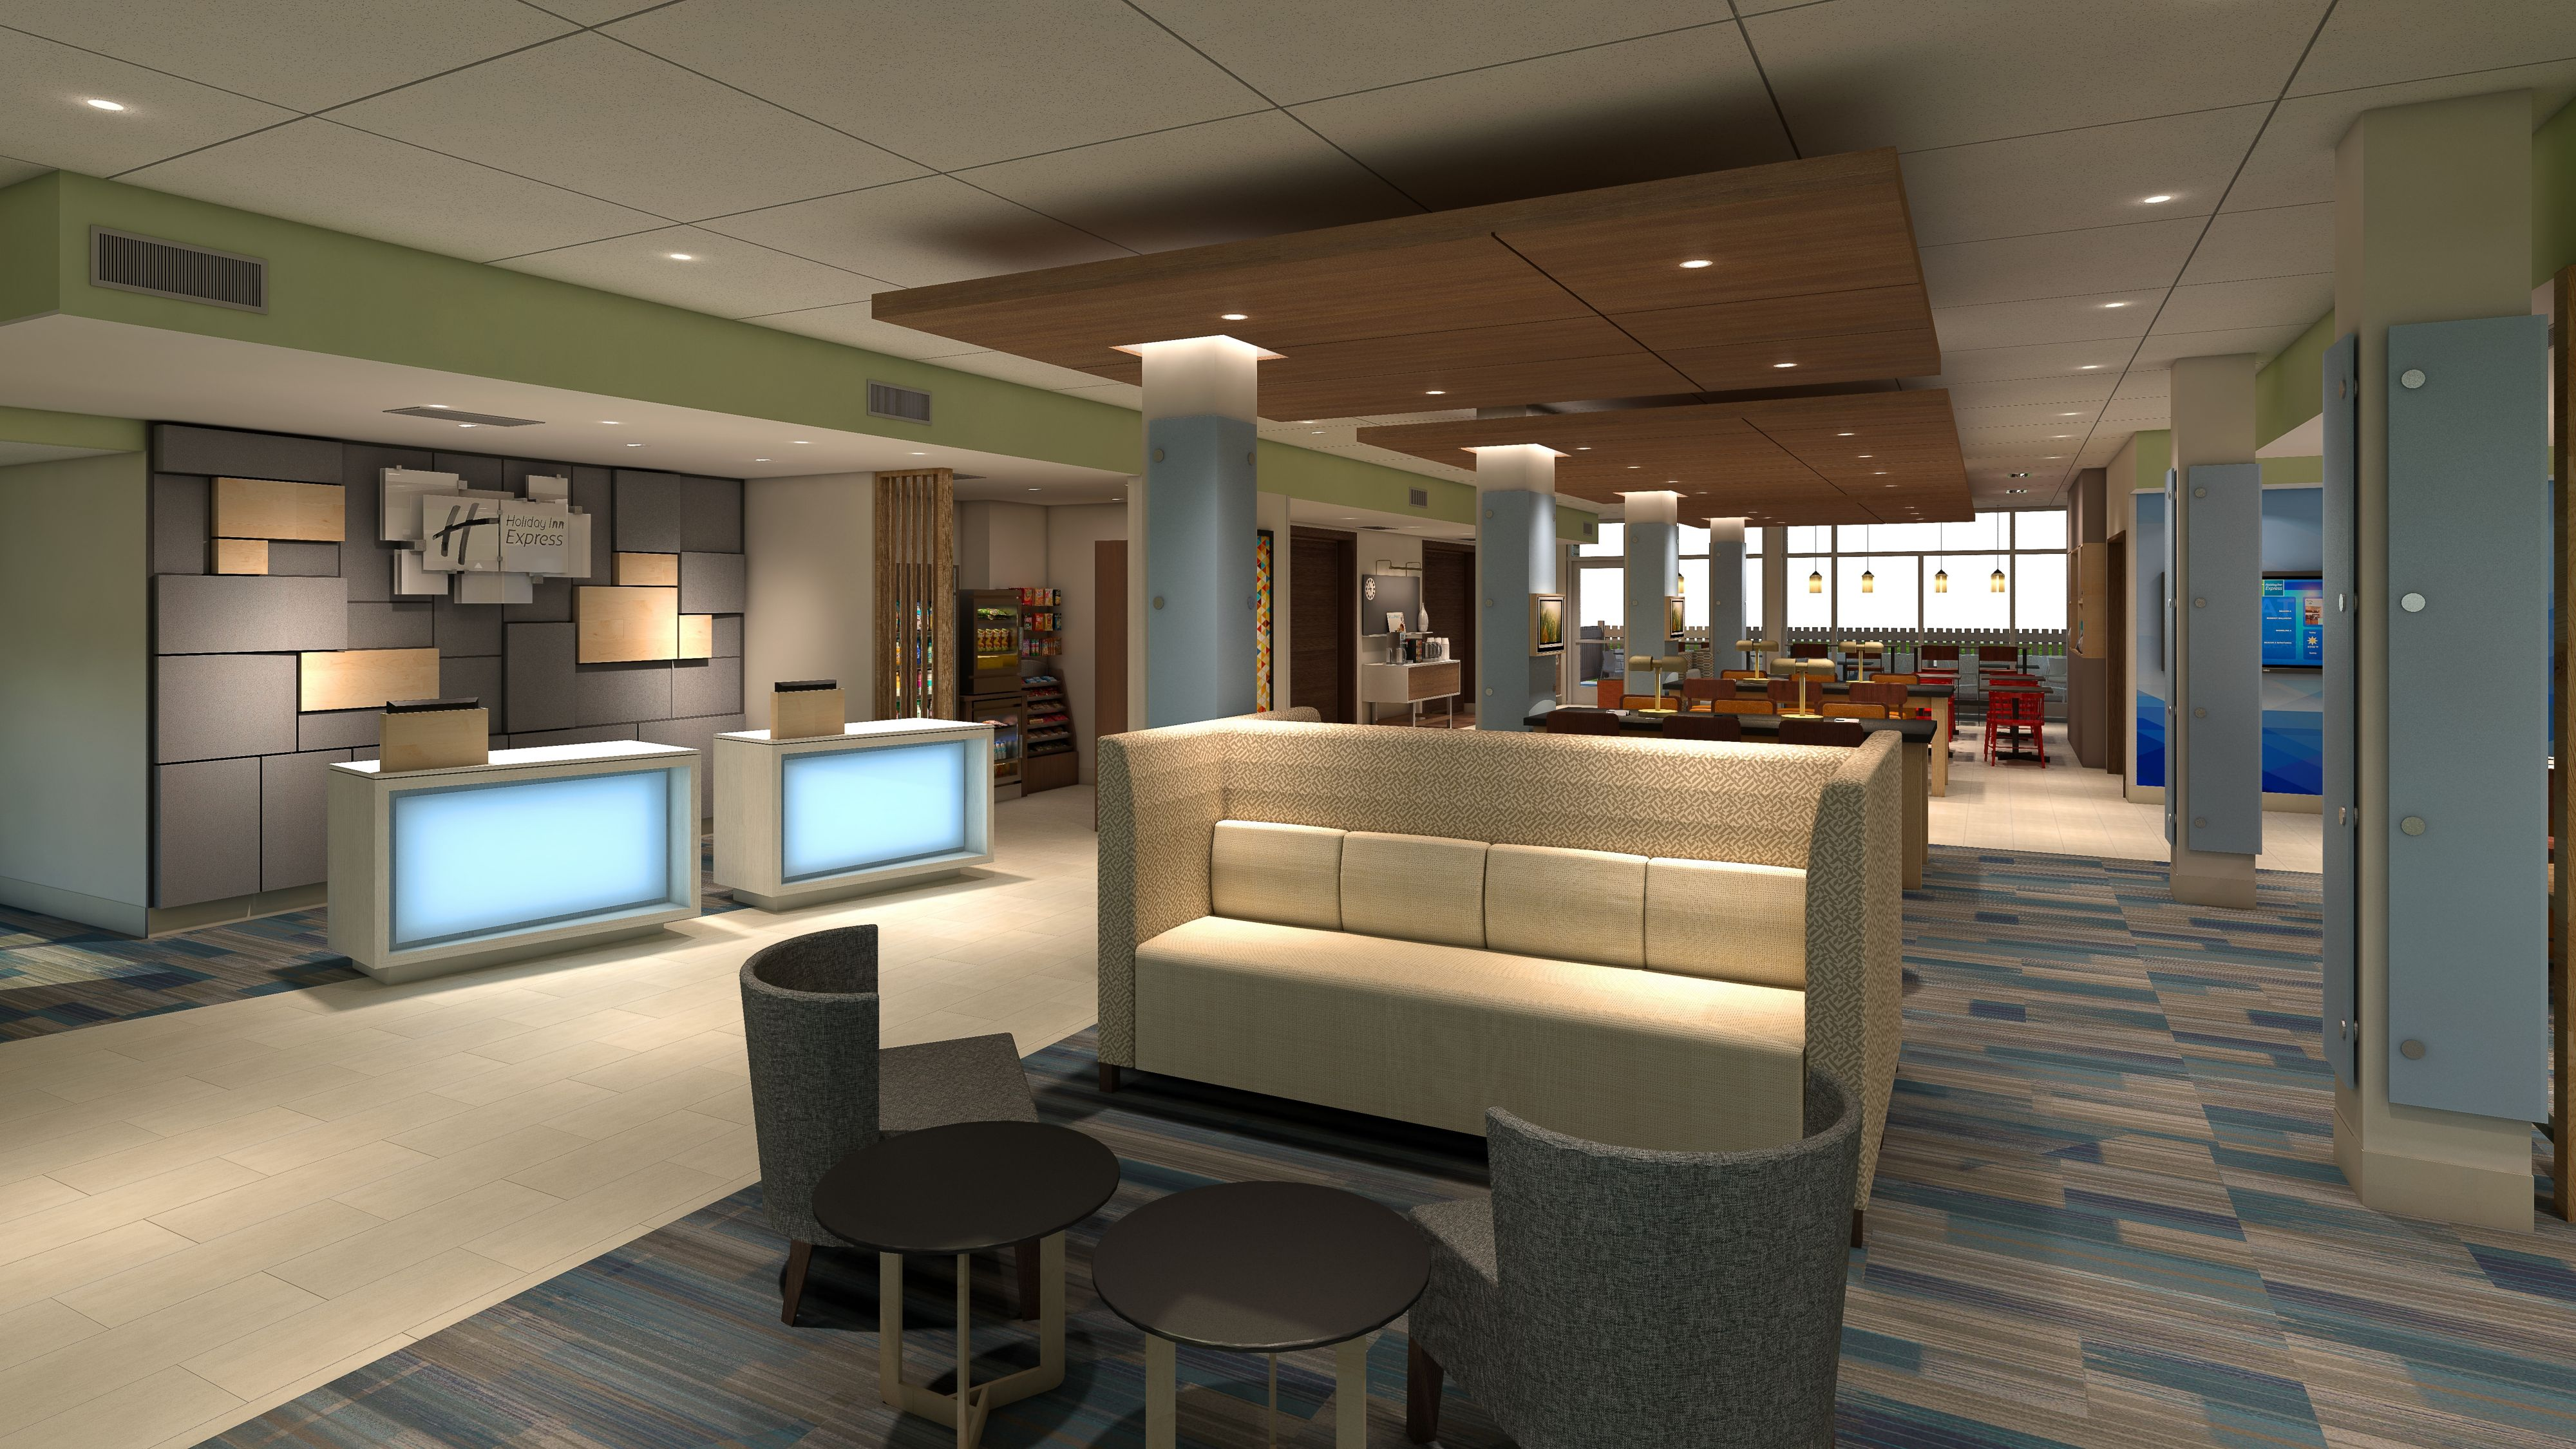 Holiday Inn Express & Suites Platteville image 5